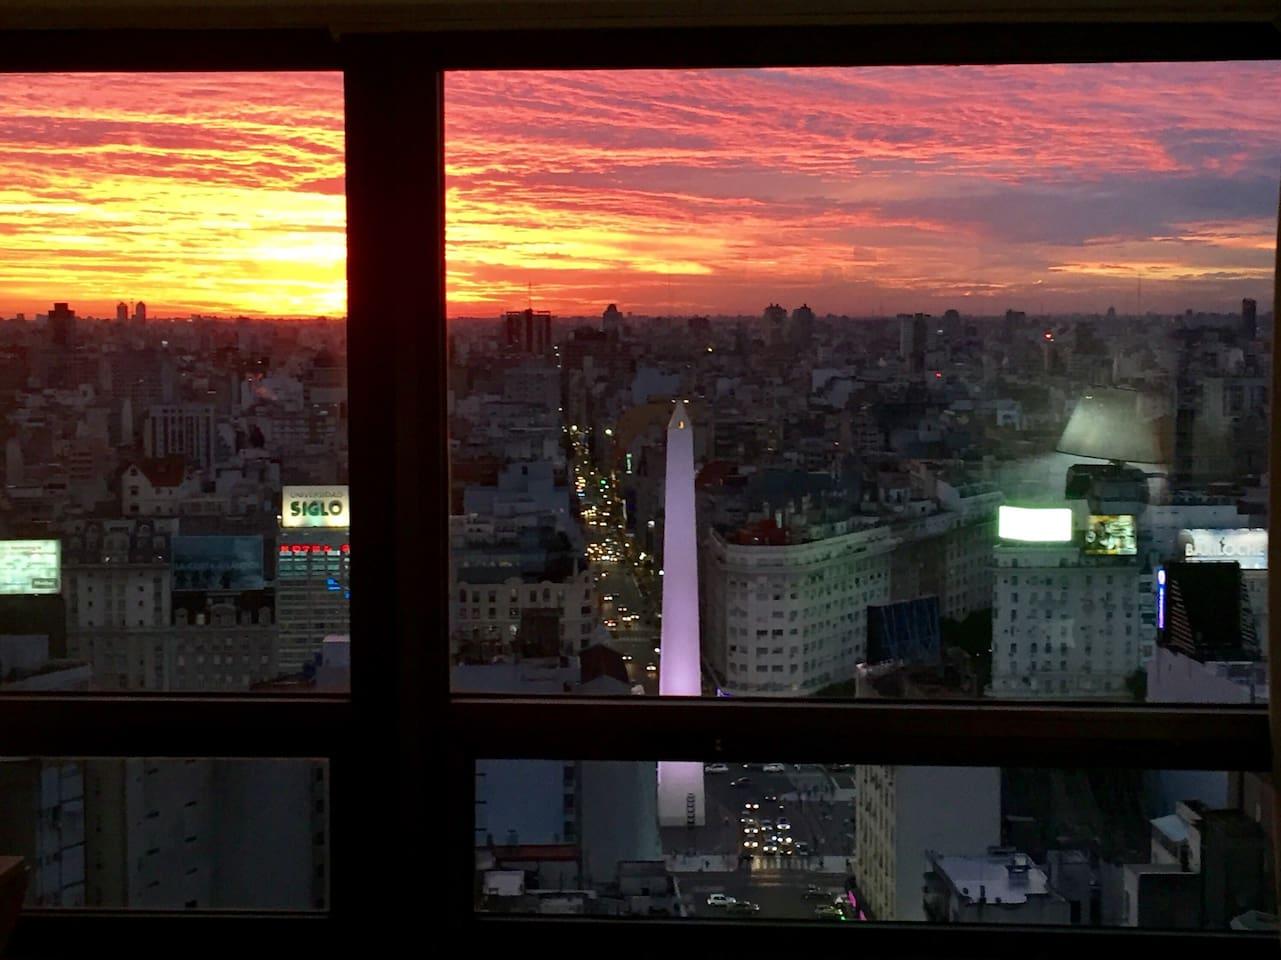 Vista de la ciudad desde el apartamento.